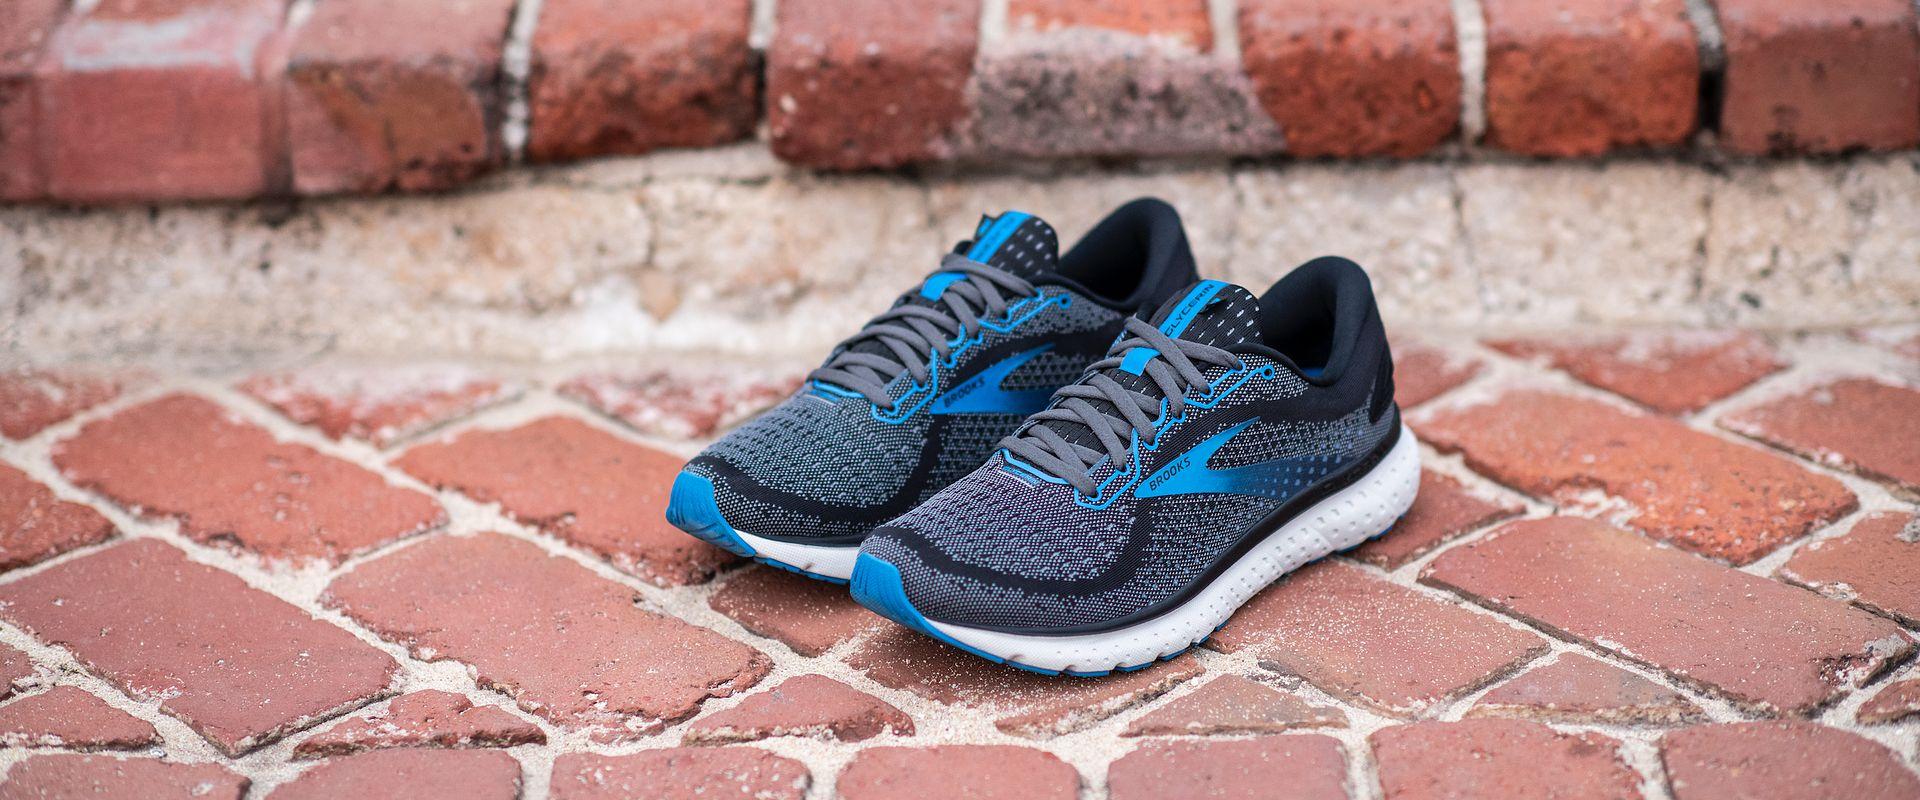 Shoe Review: Brooks Glycerin 18 | Fleet